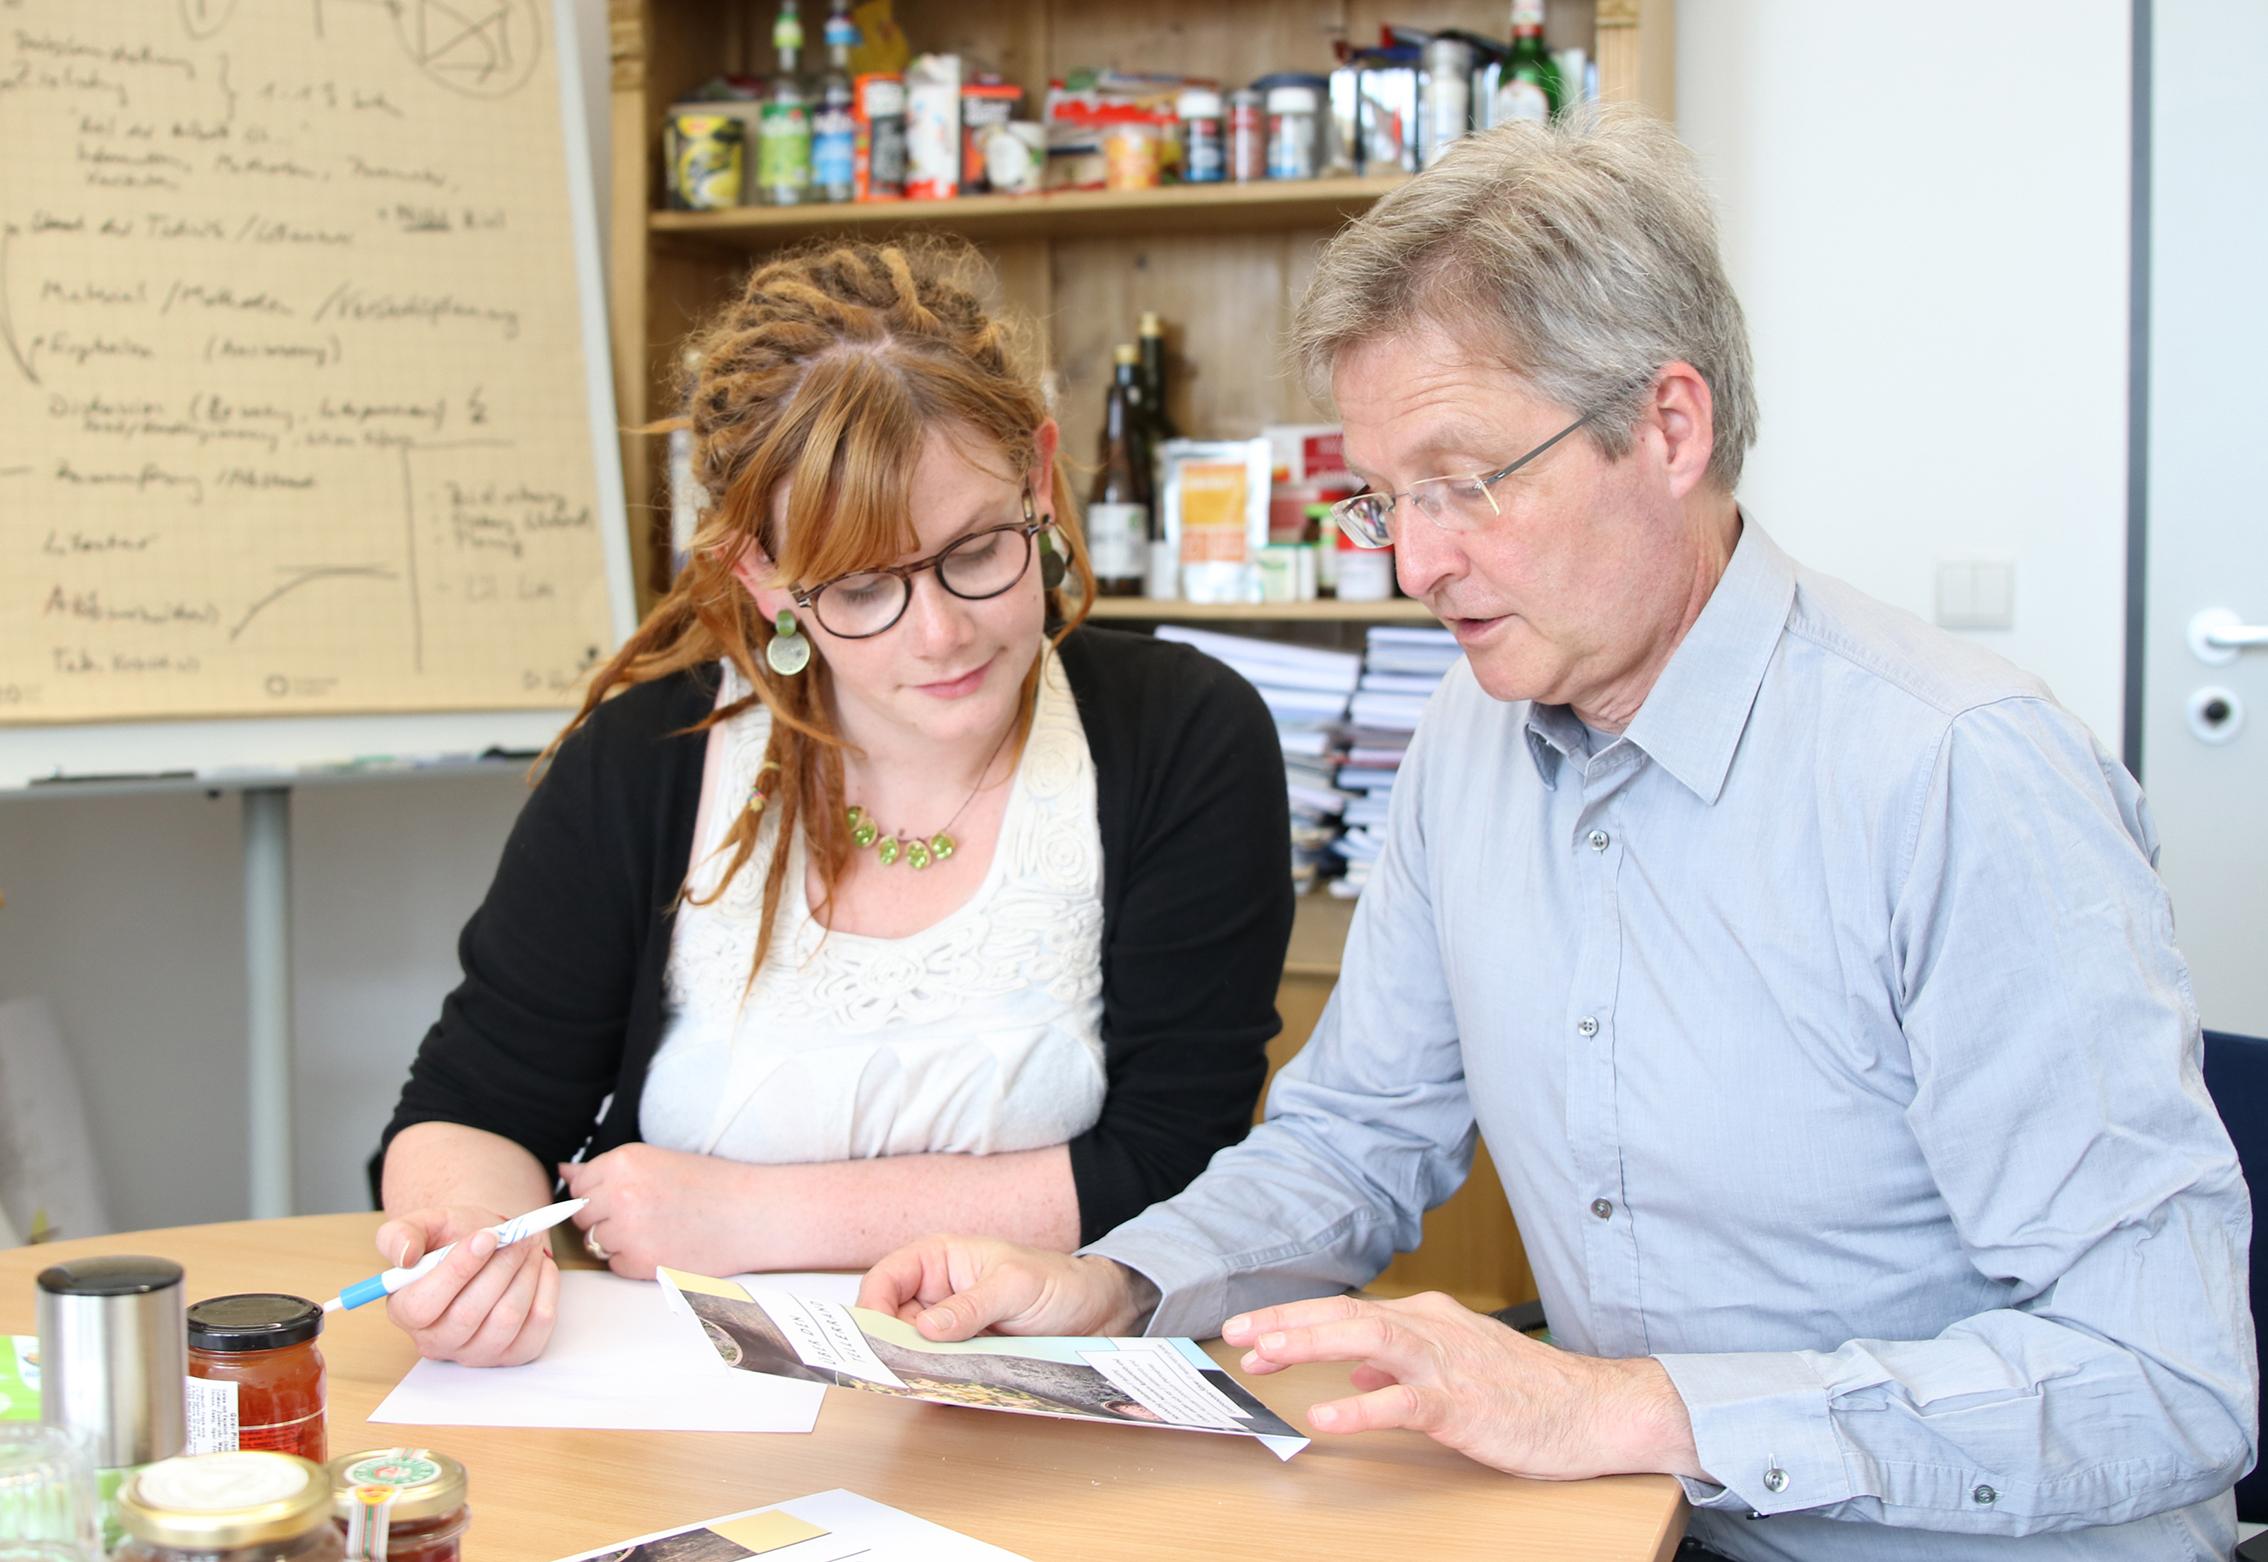 Oecotrophologie-Studentin Janina Hielscher und Prof. Dr. Guido Ritter von der FH Münster